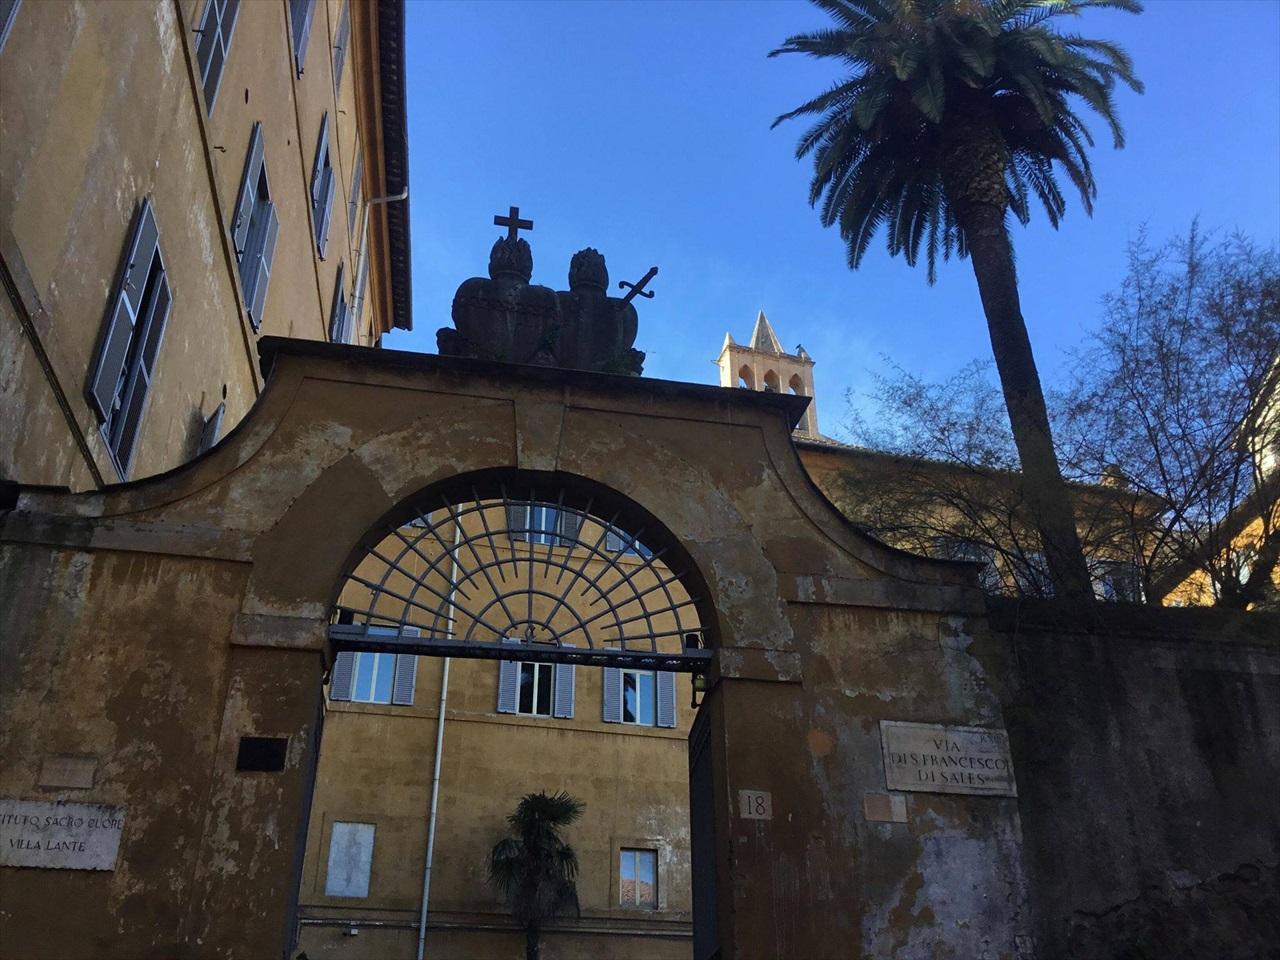 先日参加したチャリティーバザーの会場となったローマのサクロ・クオーレ教会。 売上げ金の一部は*バンビーノ・ジェス病院に寄付されました。